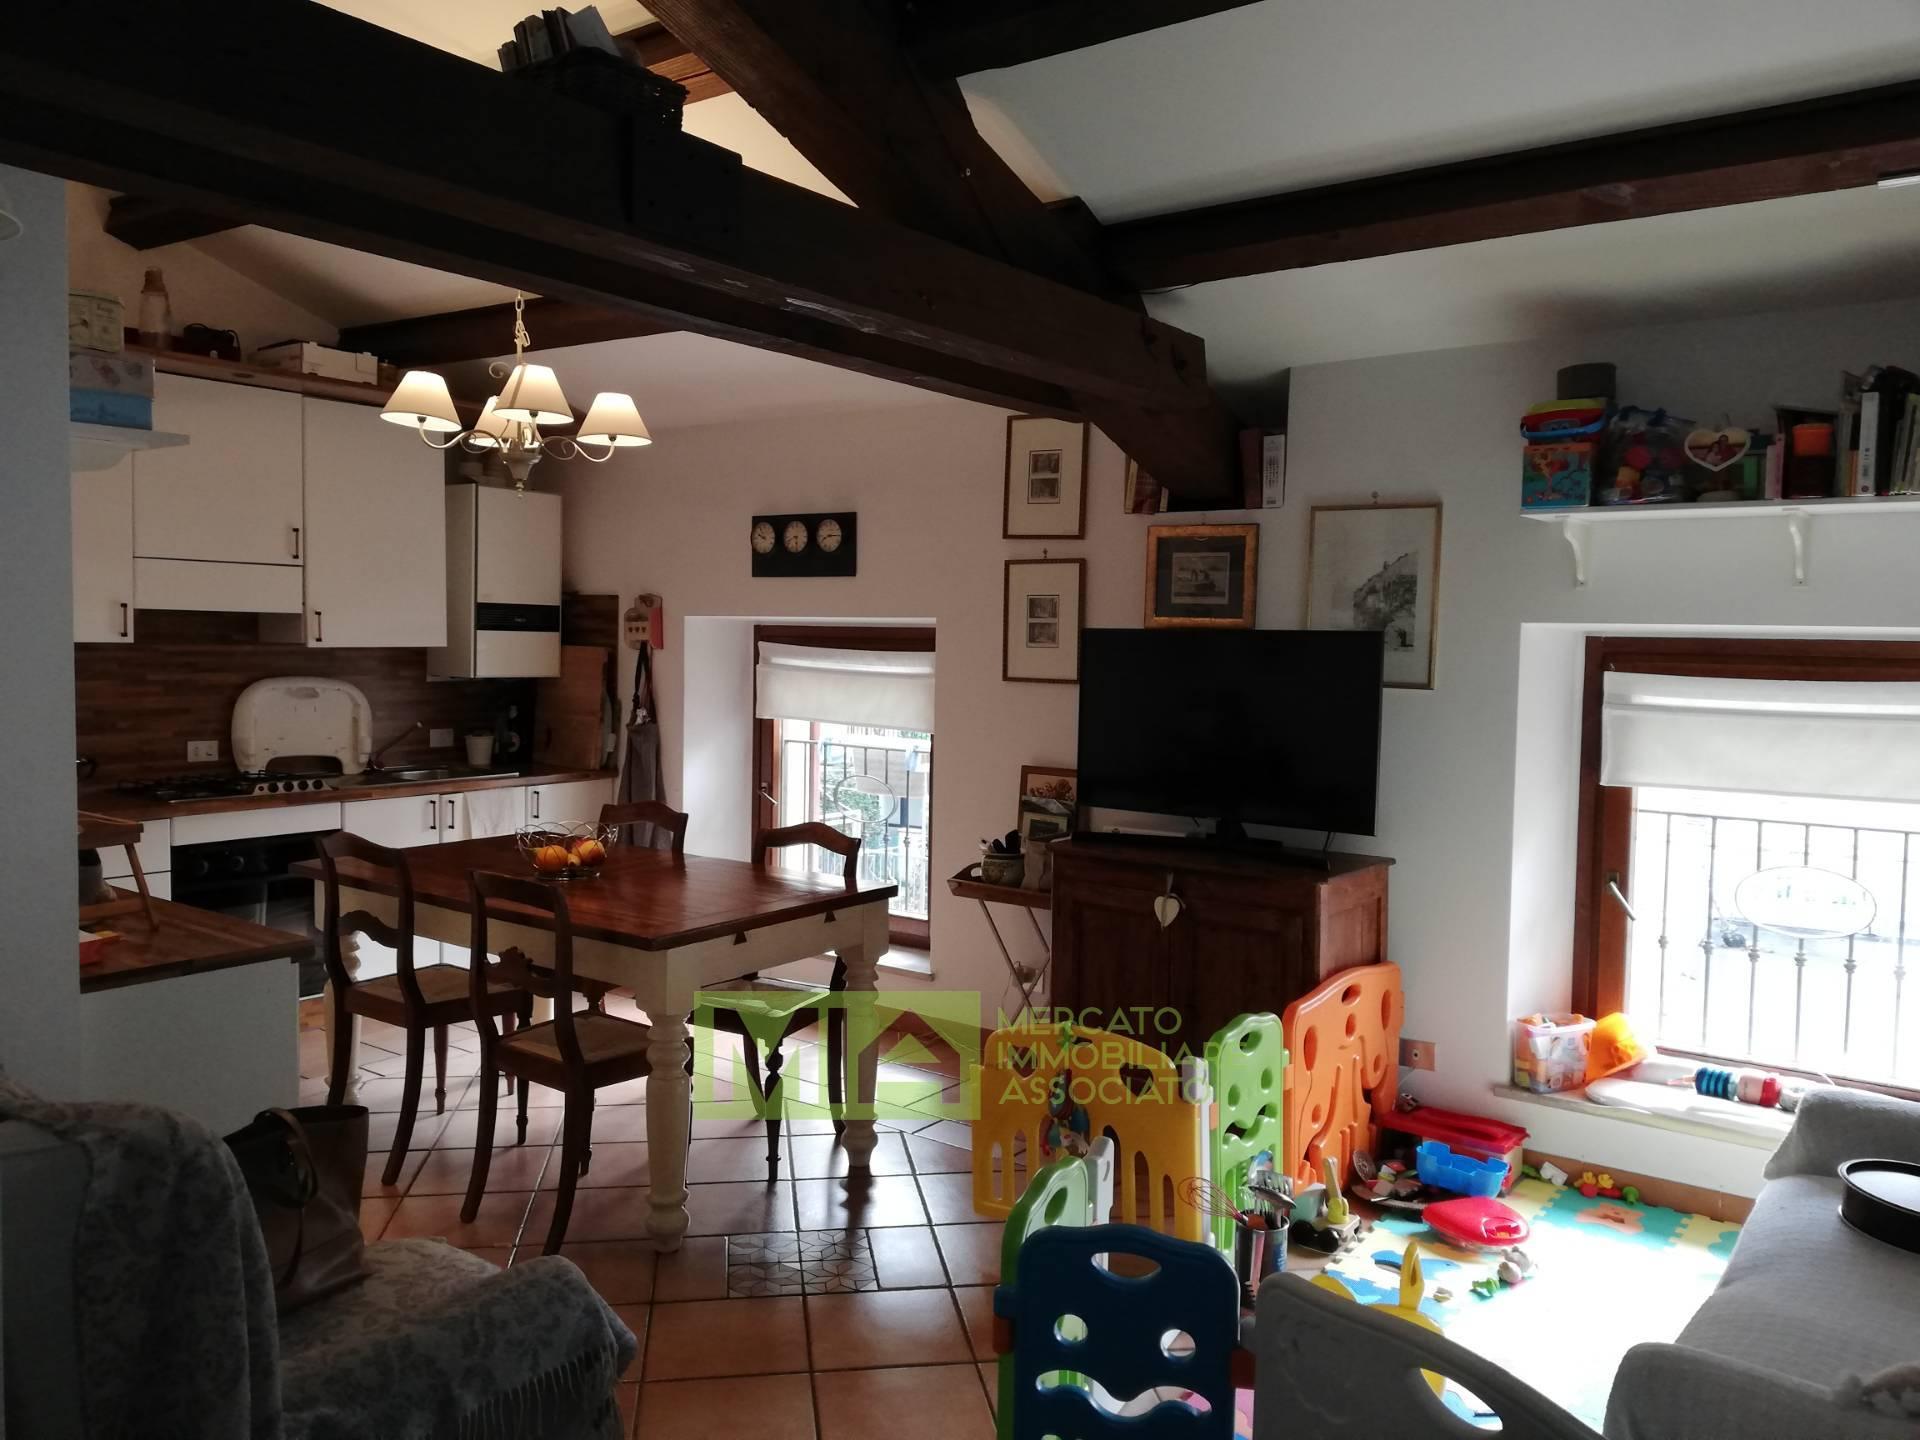 Appartamento in vendita a Macerata, 3 locali, zona Località: C.SOCAIROLI, prezzo € 100.000 | CambioCasa.it